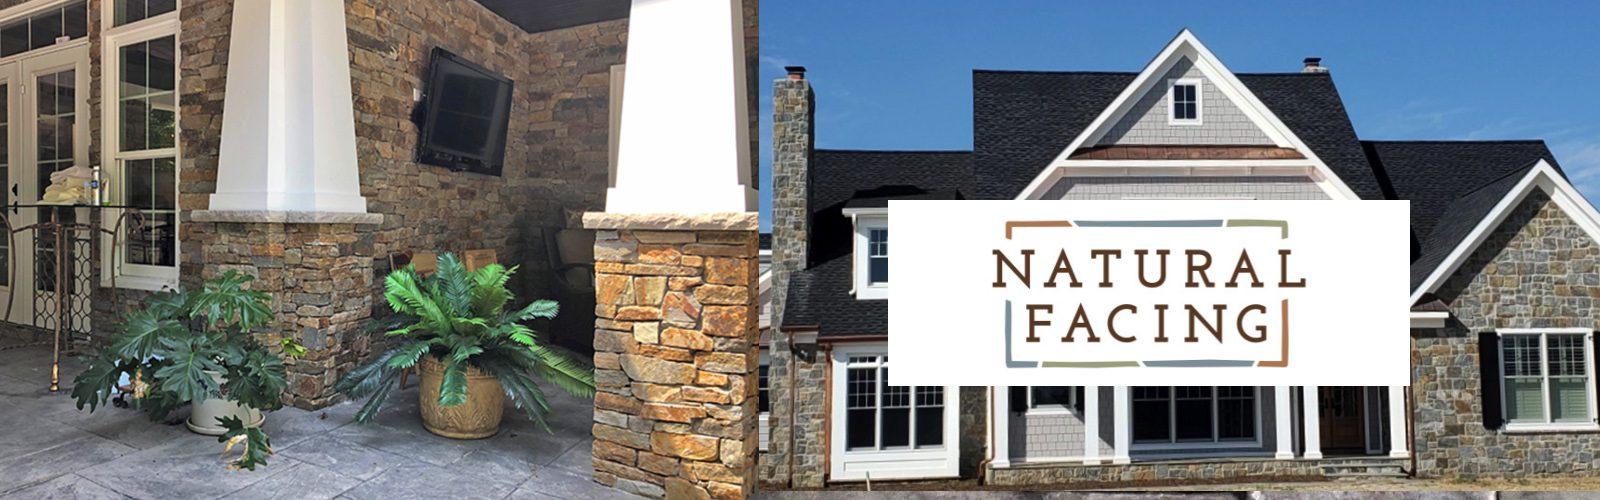 Natural-Facing-Stone-Veneer-Stone-Dealer-NJ